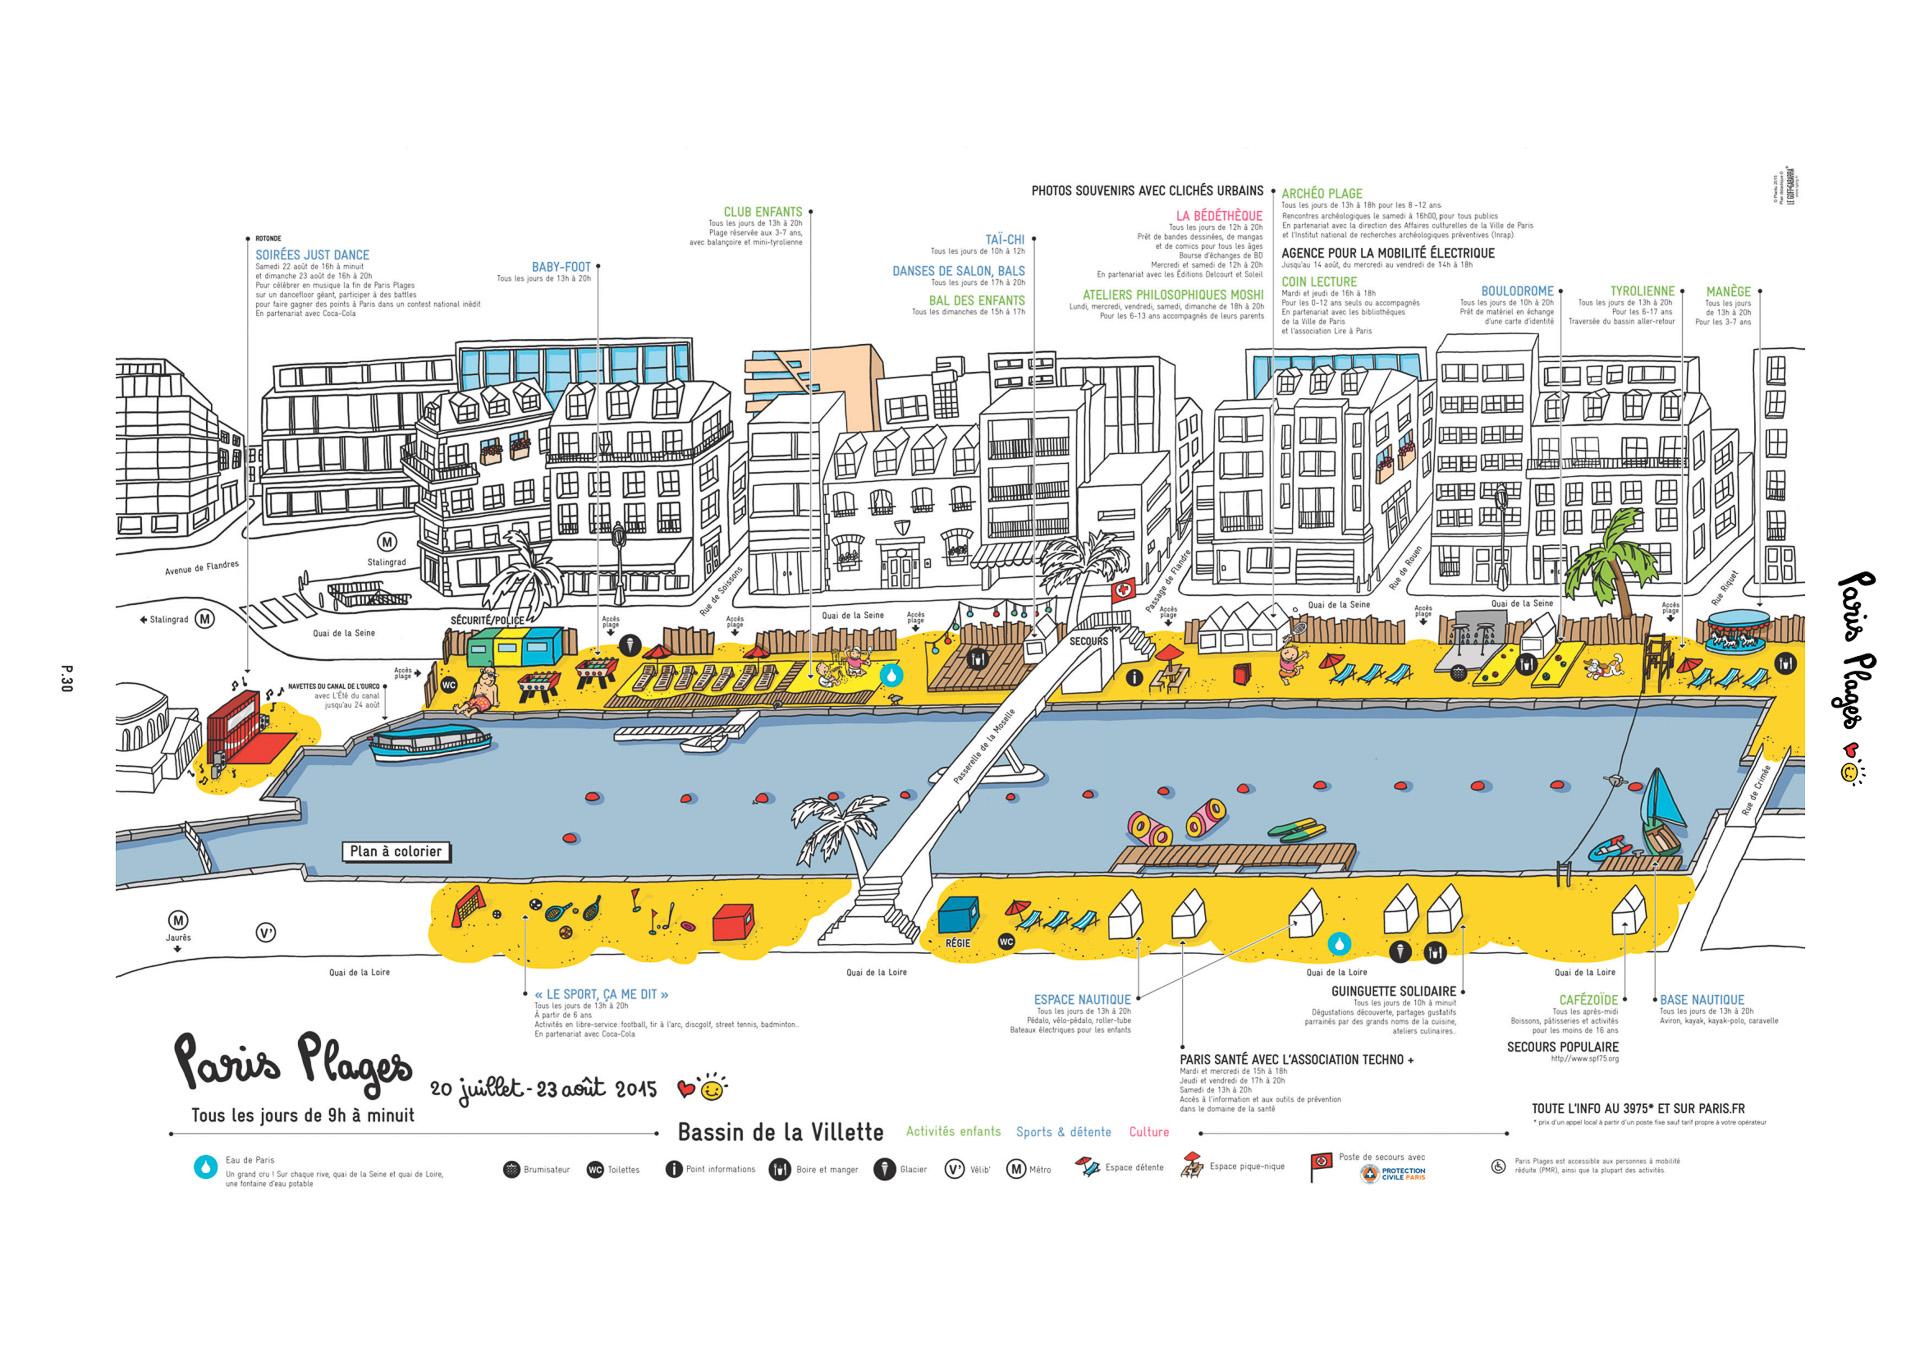 ヴィレット貯水池周辺のパリ海岸マップ(パリ市が公開している案内図)